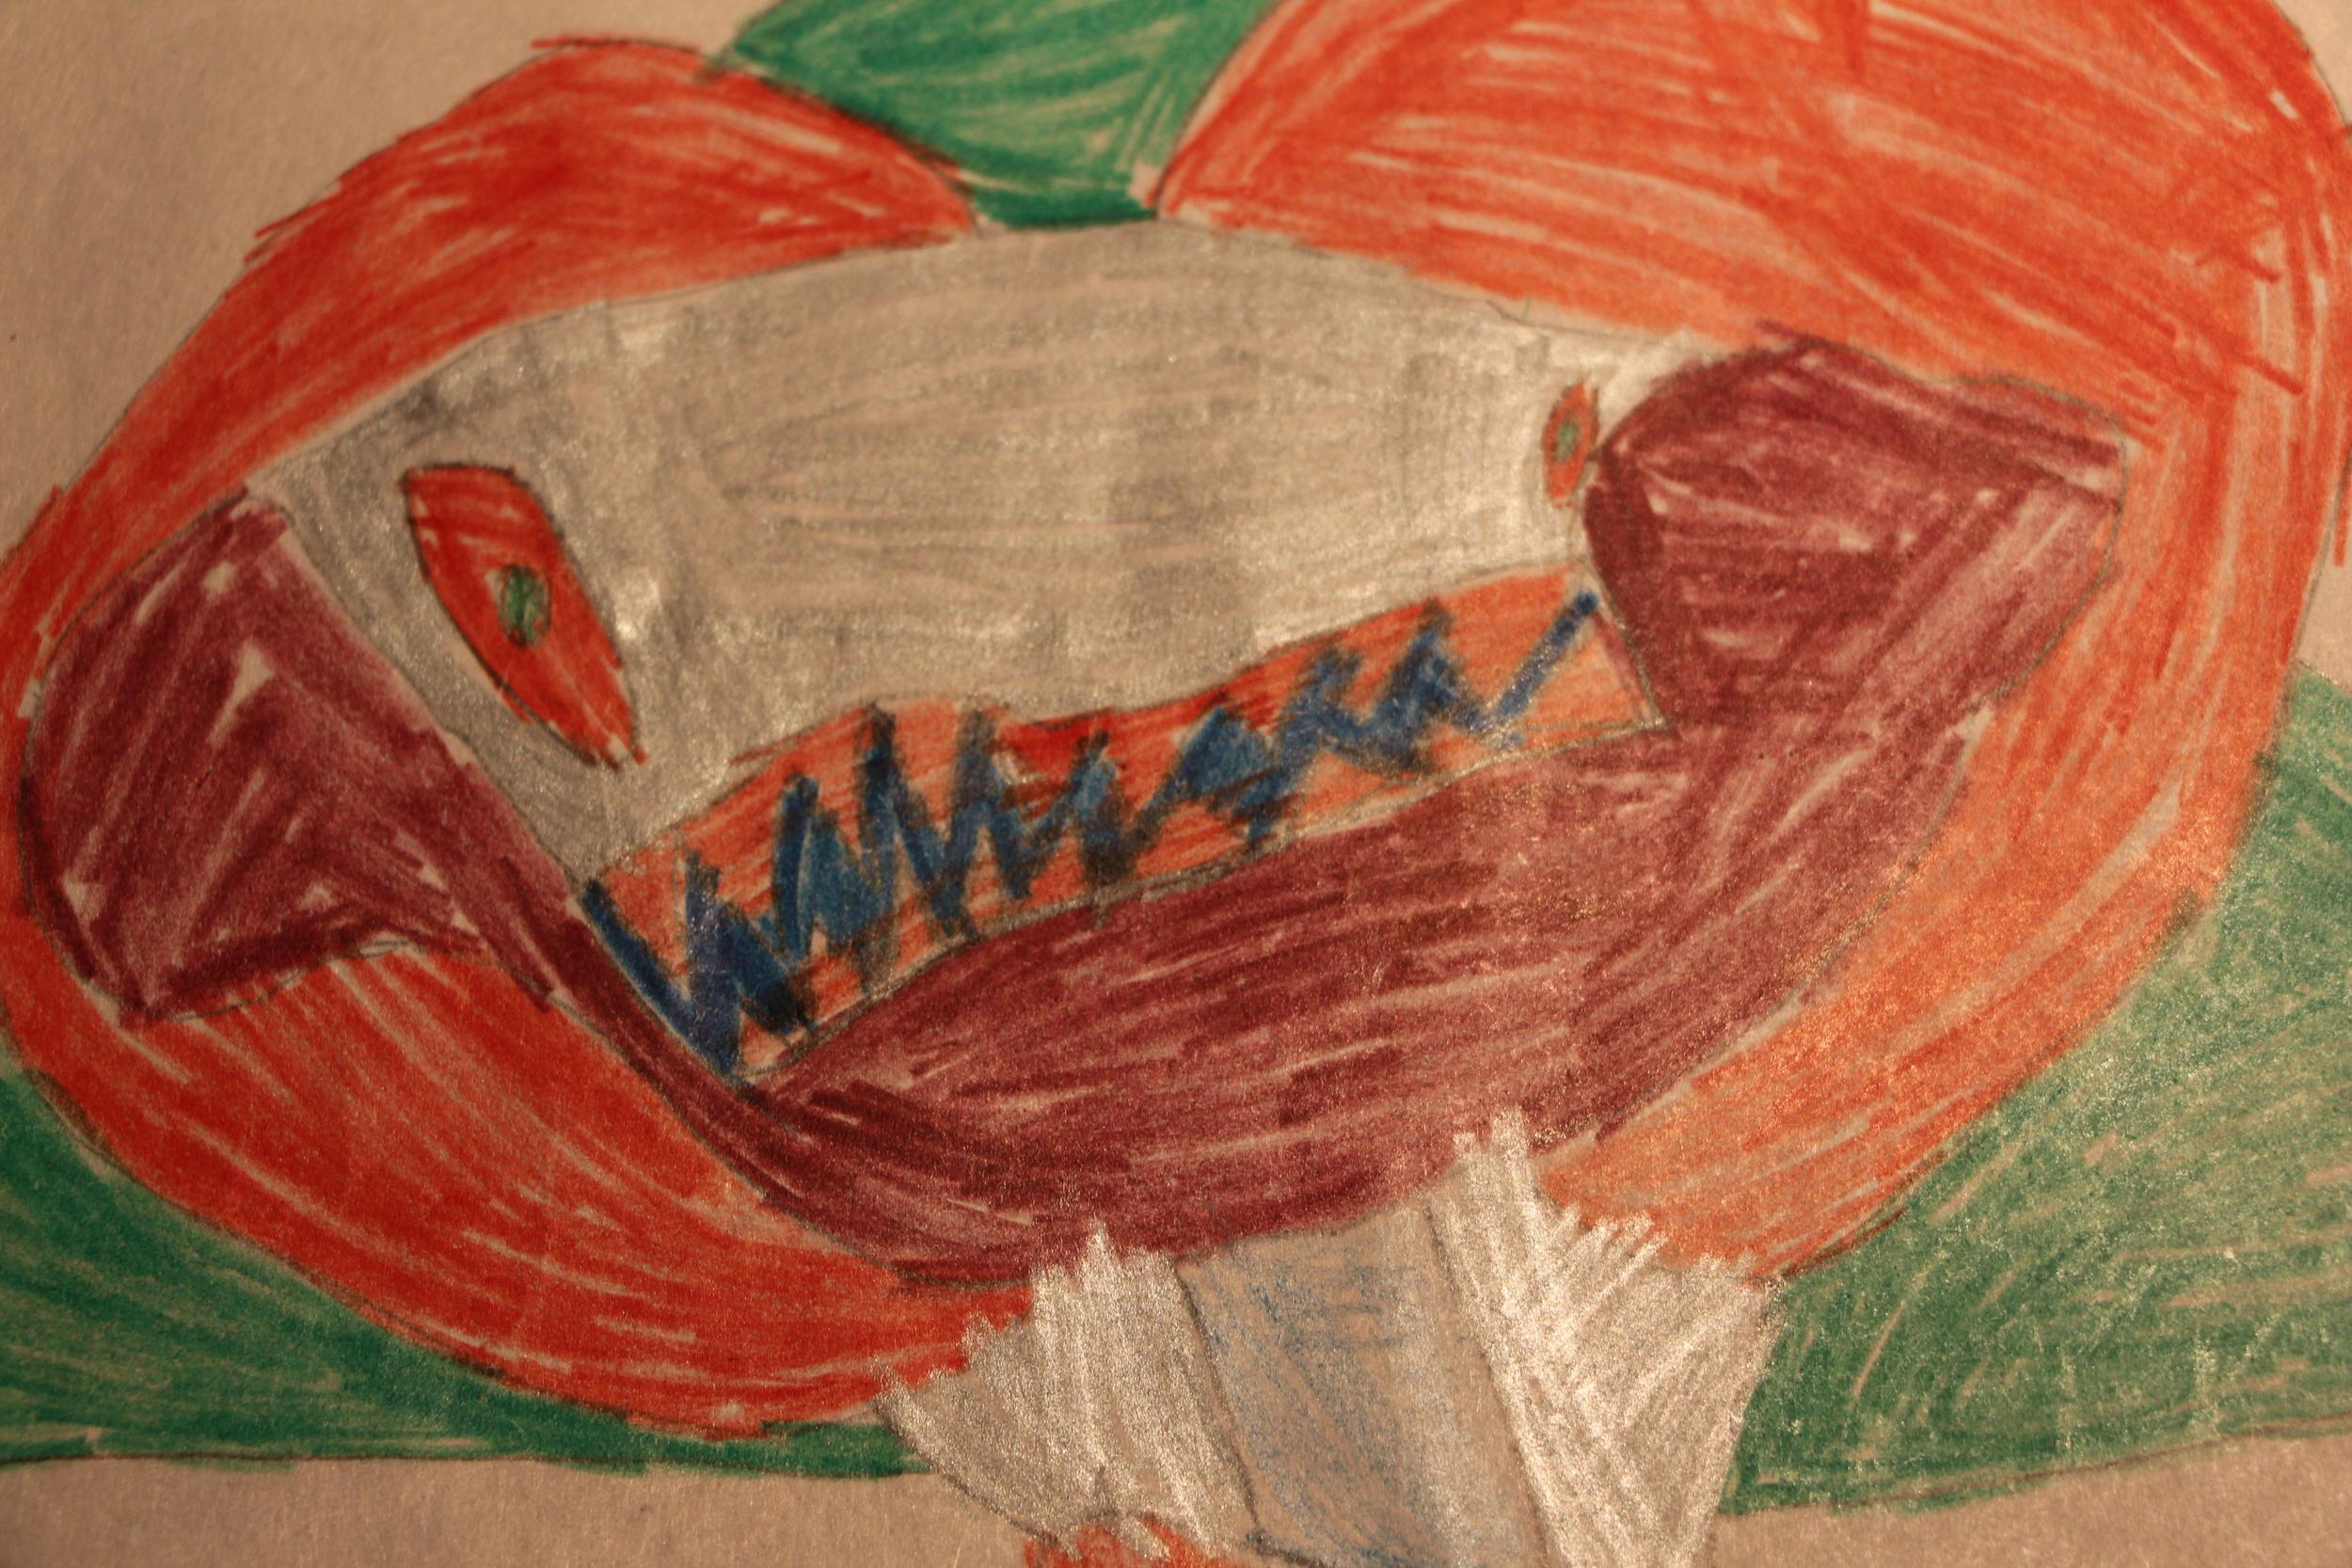 La vilaine bête  Brettanomyces  selon le petit Atman Atman.